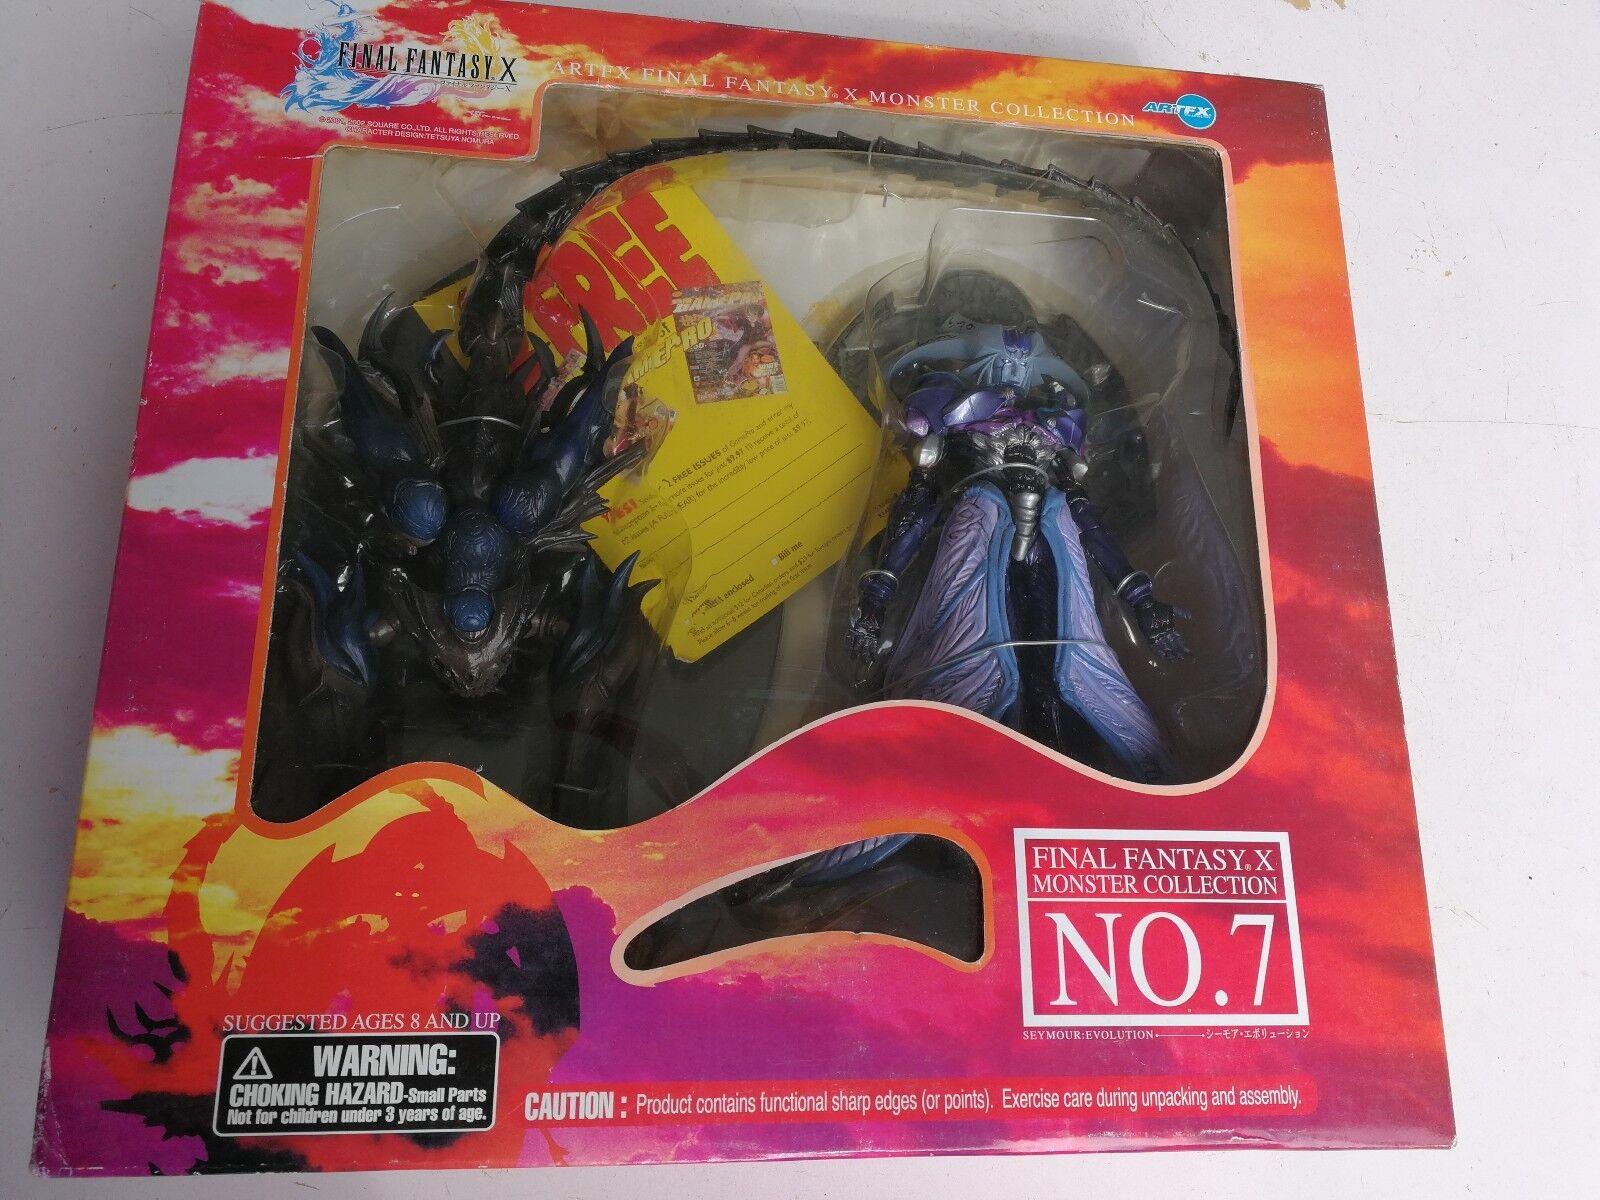 Square-Enix 's Final Fantasy X Seymour evolución figura de acción por Kotobukiya Nuevo